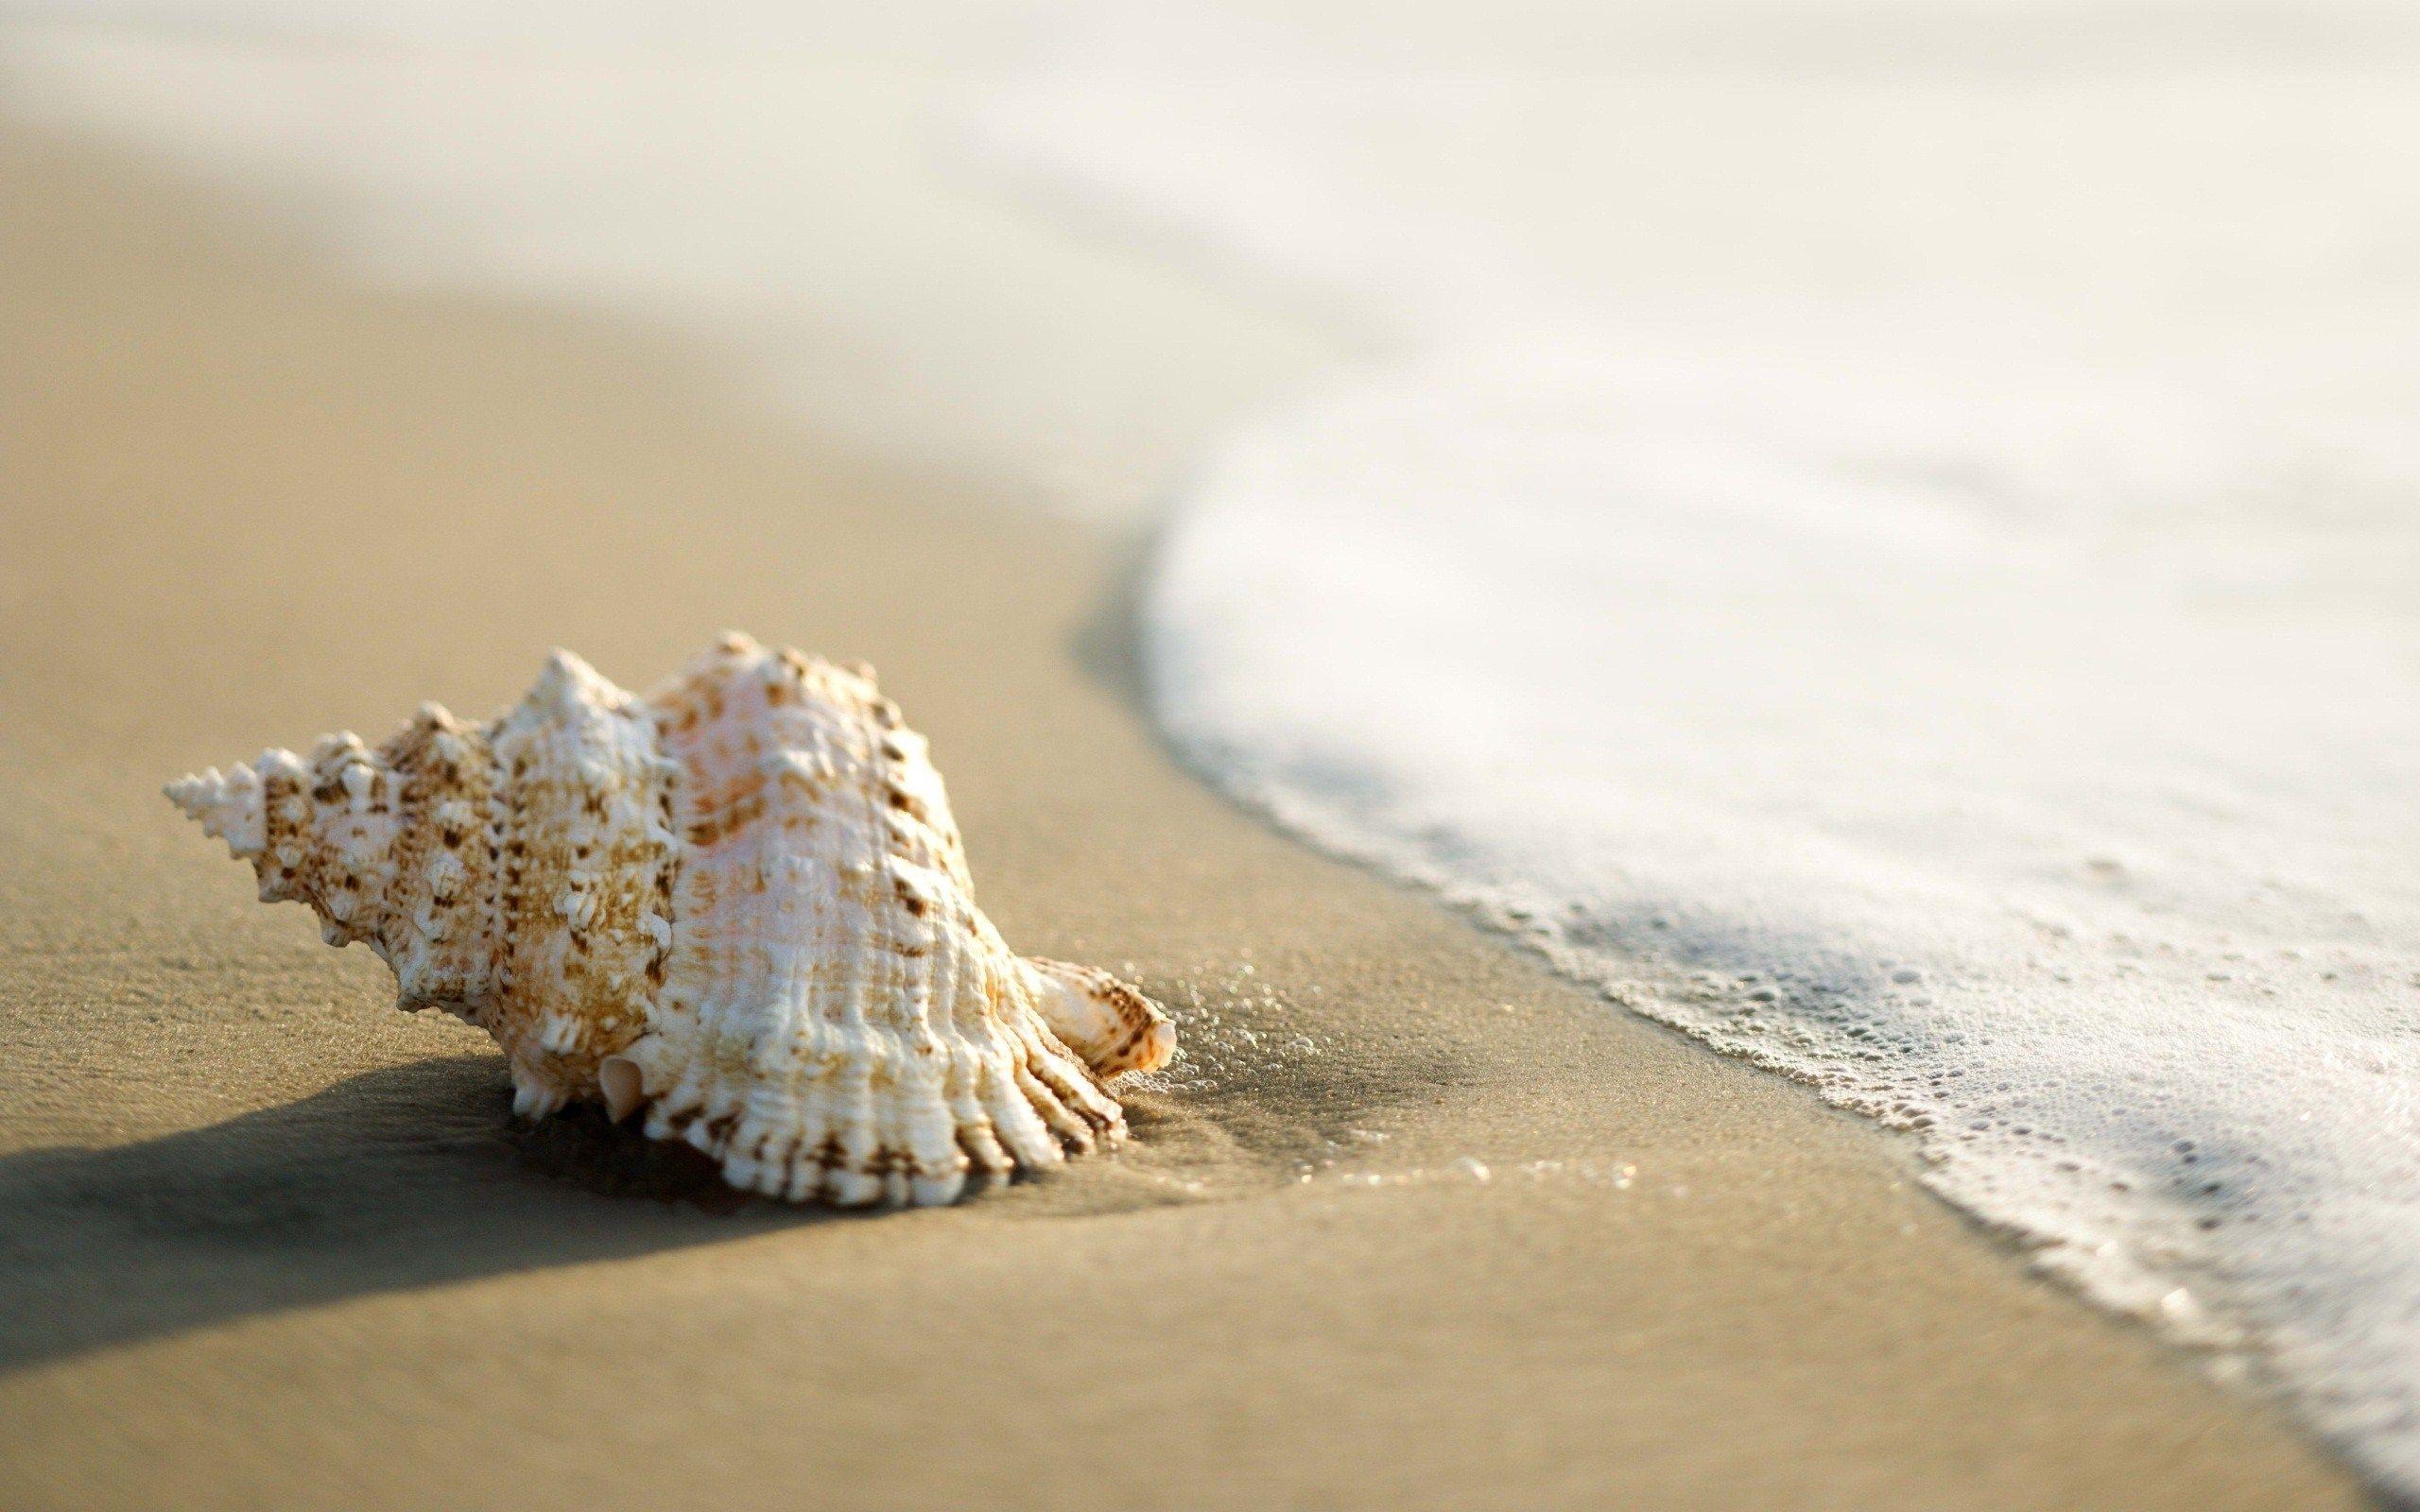 http://freehdwall.info/wall/shell-beach-wallpaper-2560x1600.jpg